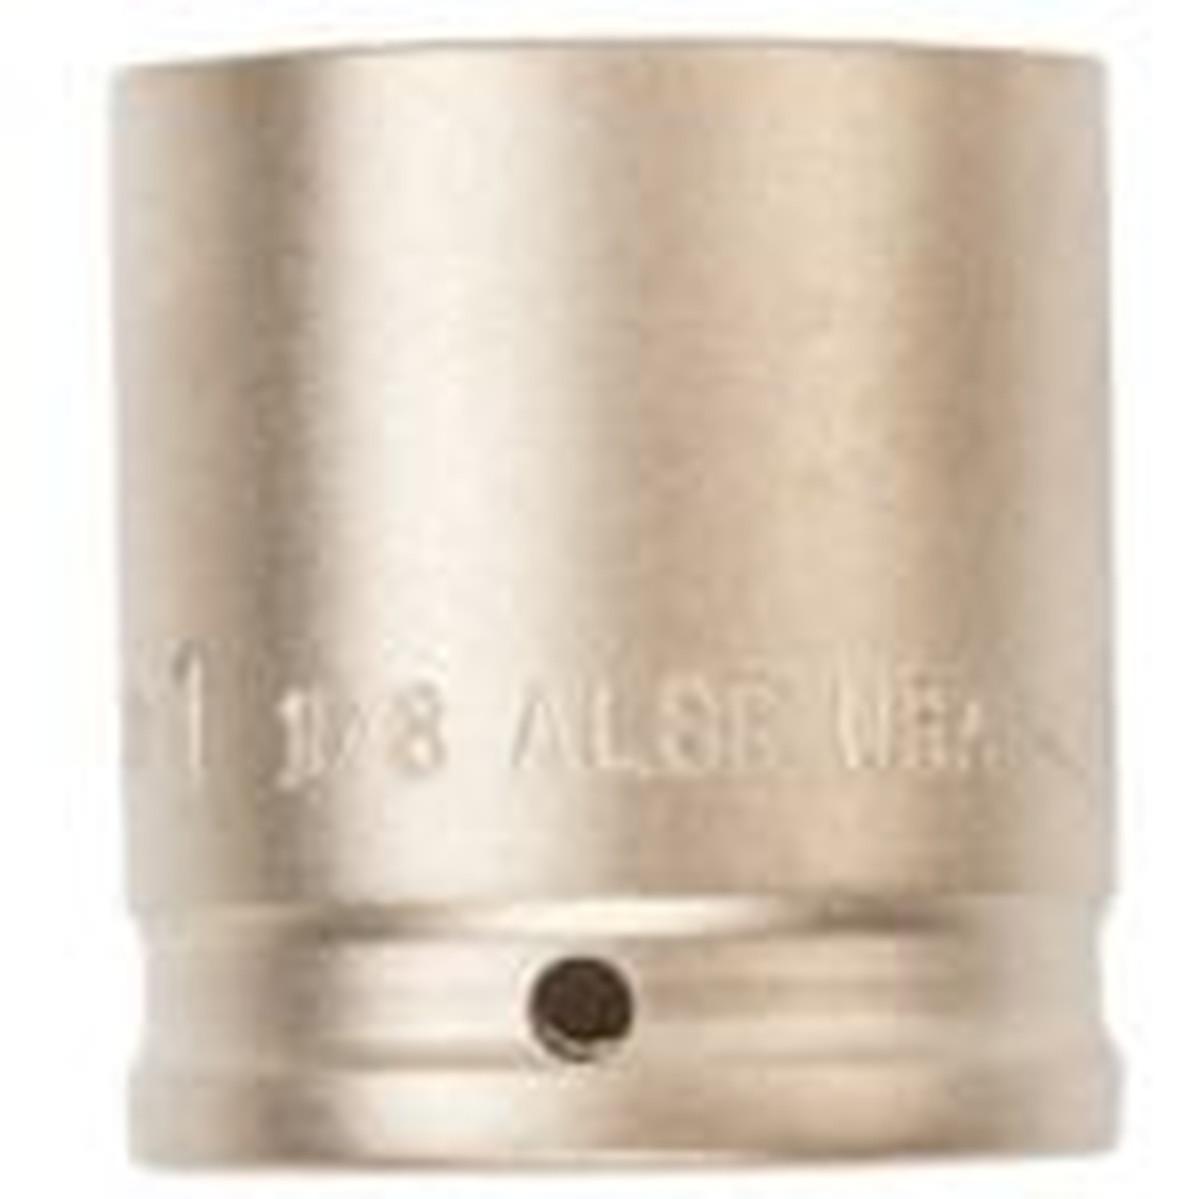 あす楽対応 超歓迎された DIY用品 ブランド買うならブランドオフ Ampco 防爆インパクトソケット 1個 対辺23mm 差込み12.7mm